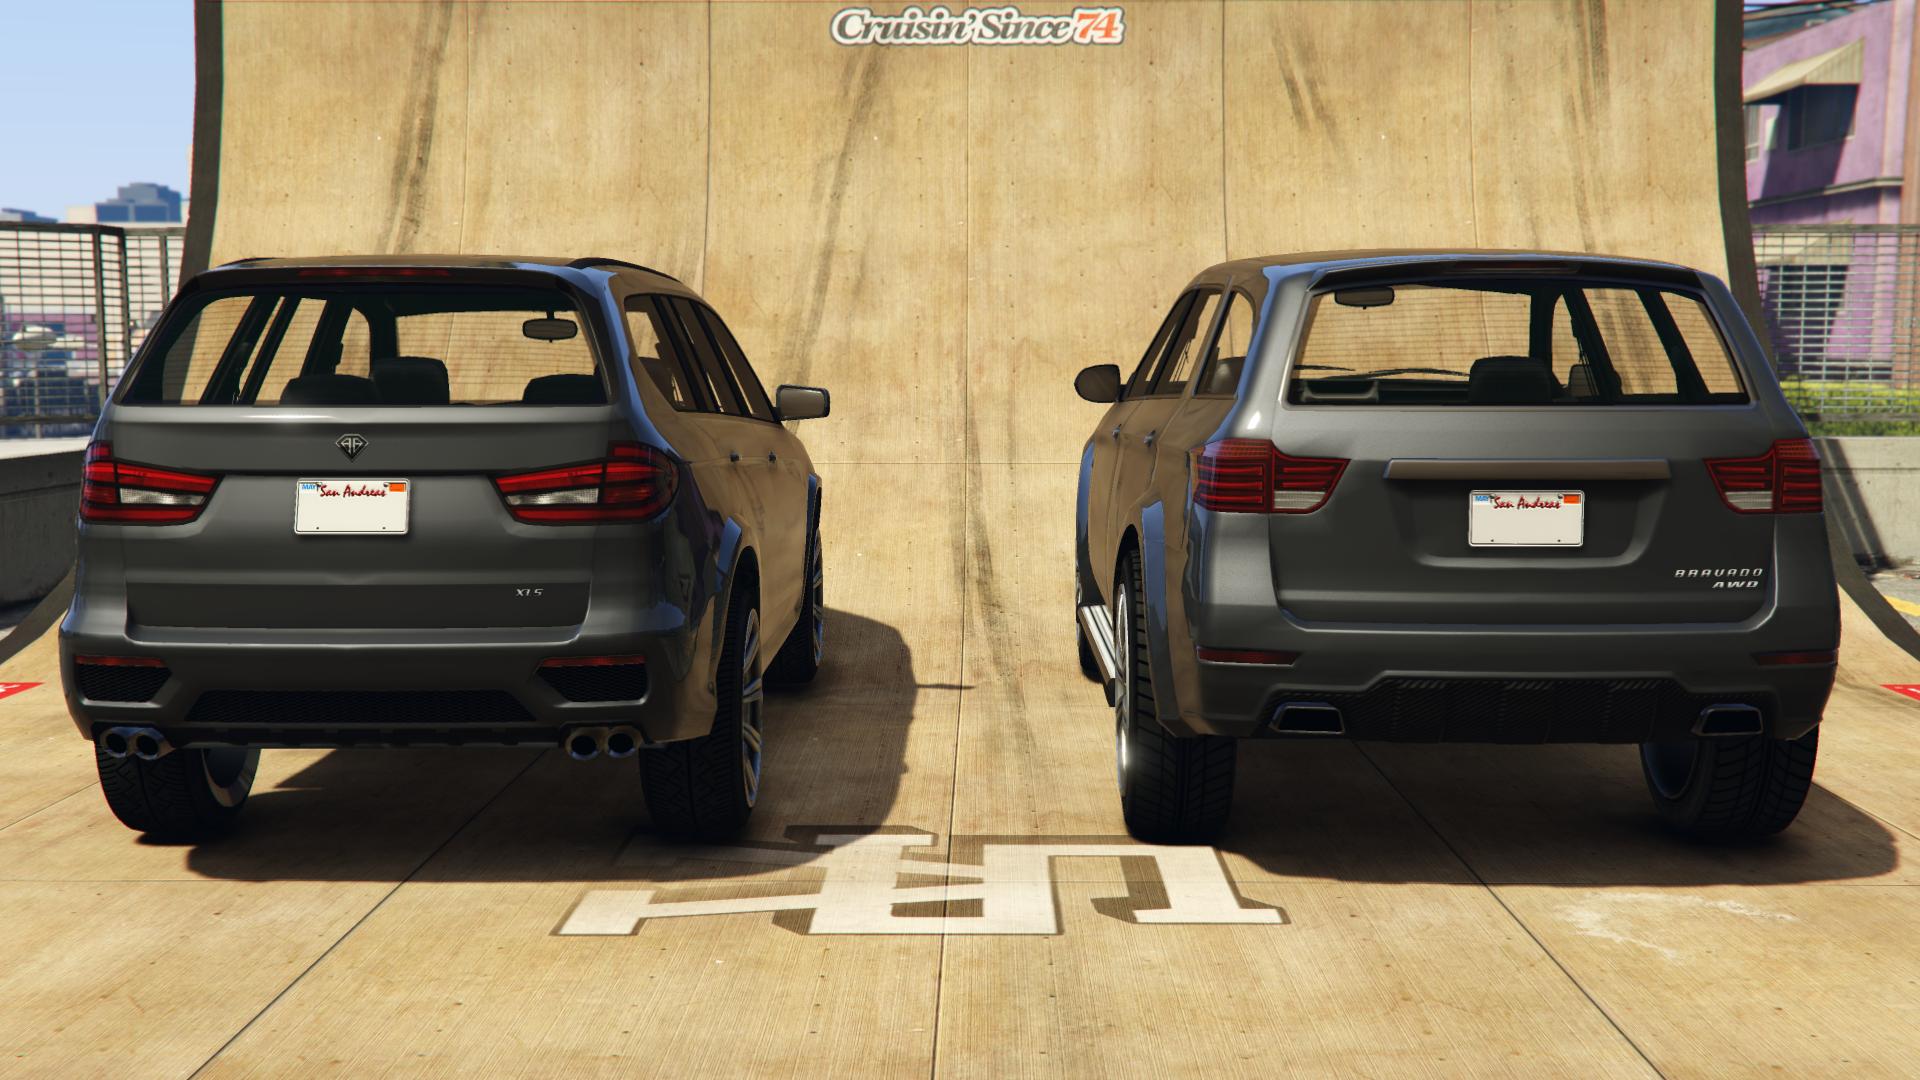 Bravado XLS - Bravado Gresley Comparaison GTA Online.png